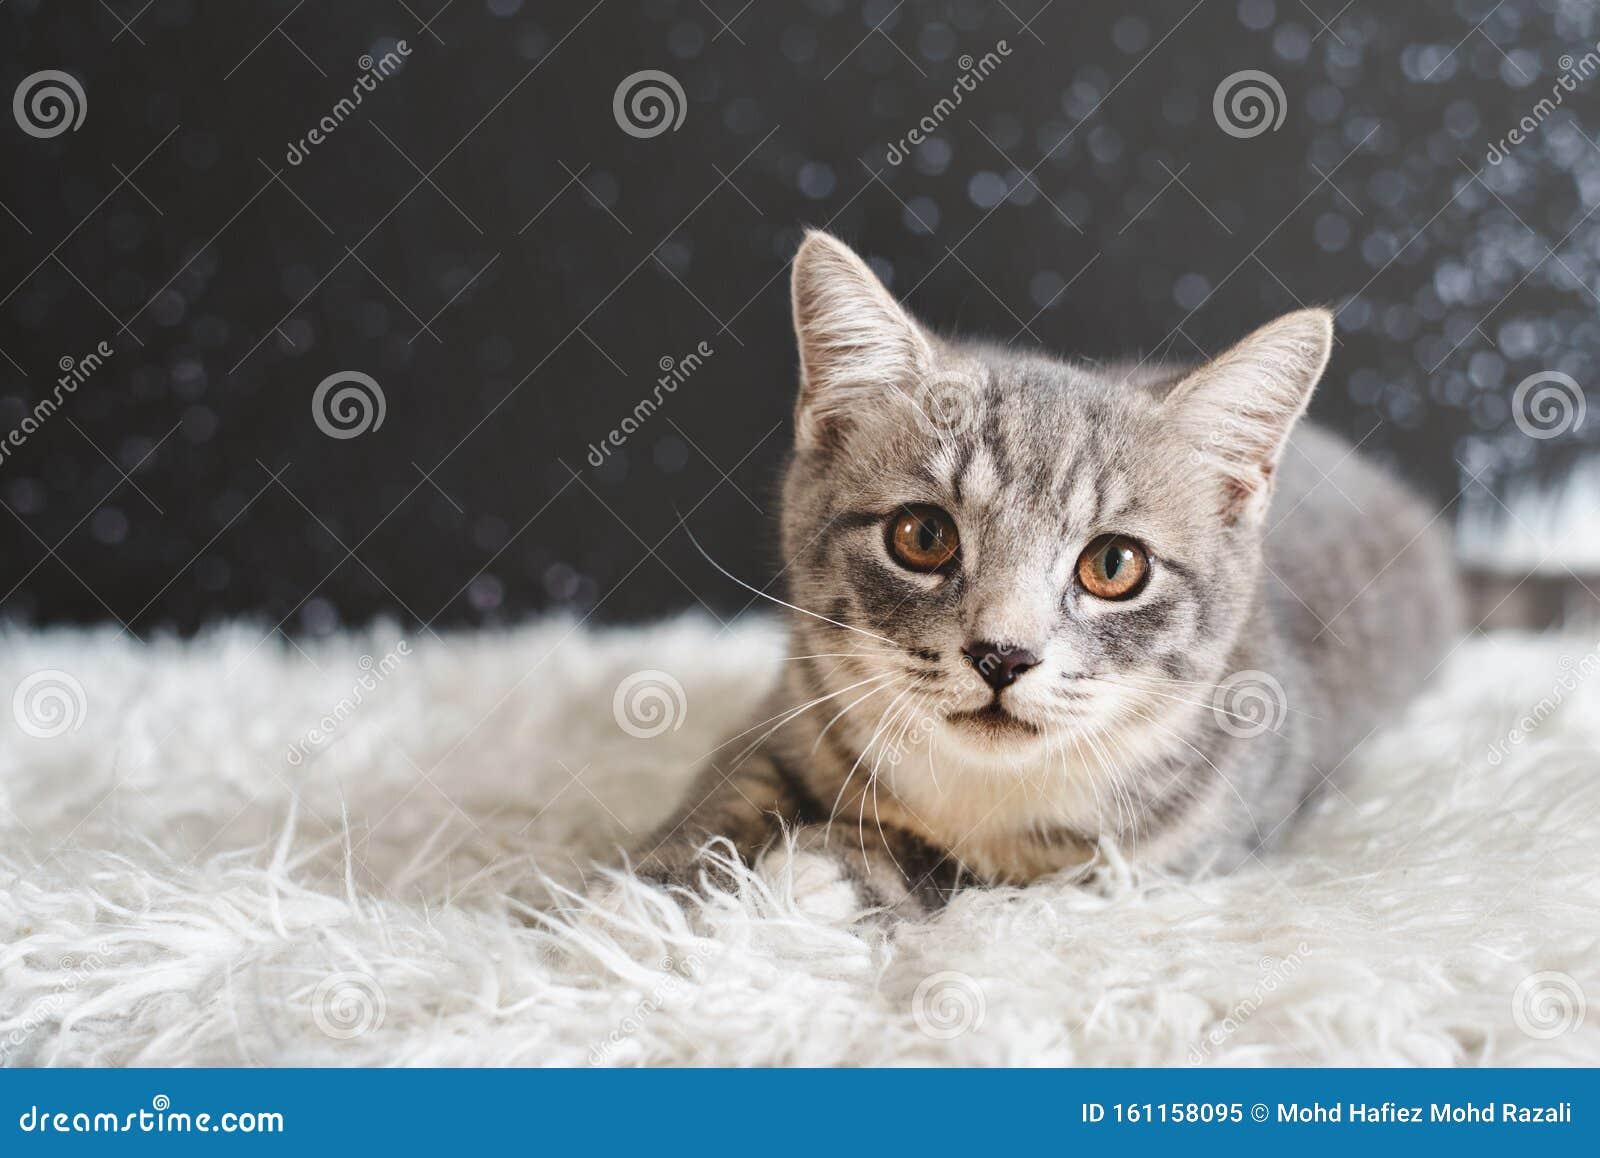 Maine Coon Vs British Shorthair 81021 Nama Untuk Kucing Comel Lucu Dan Unik